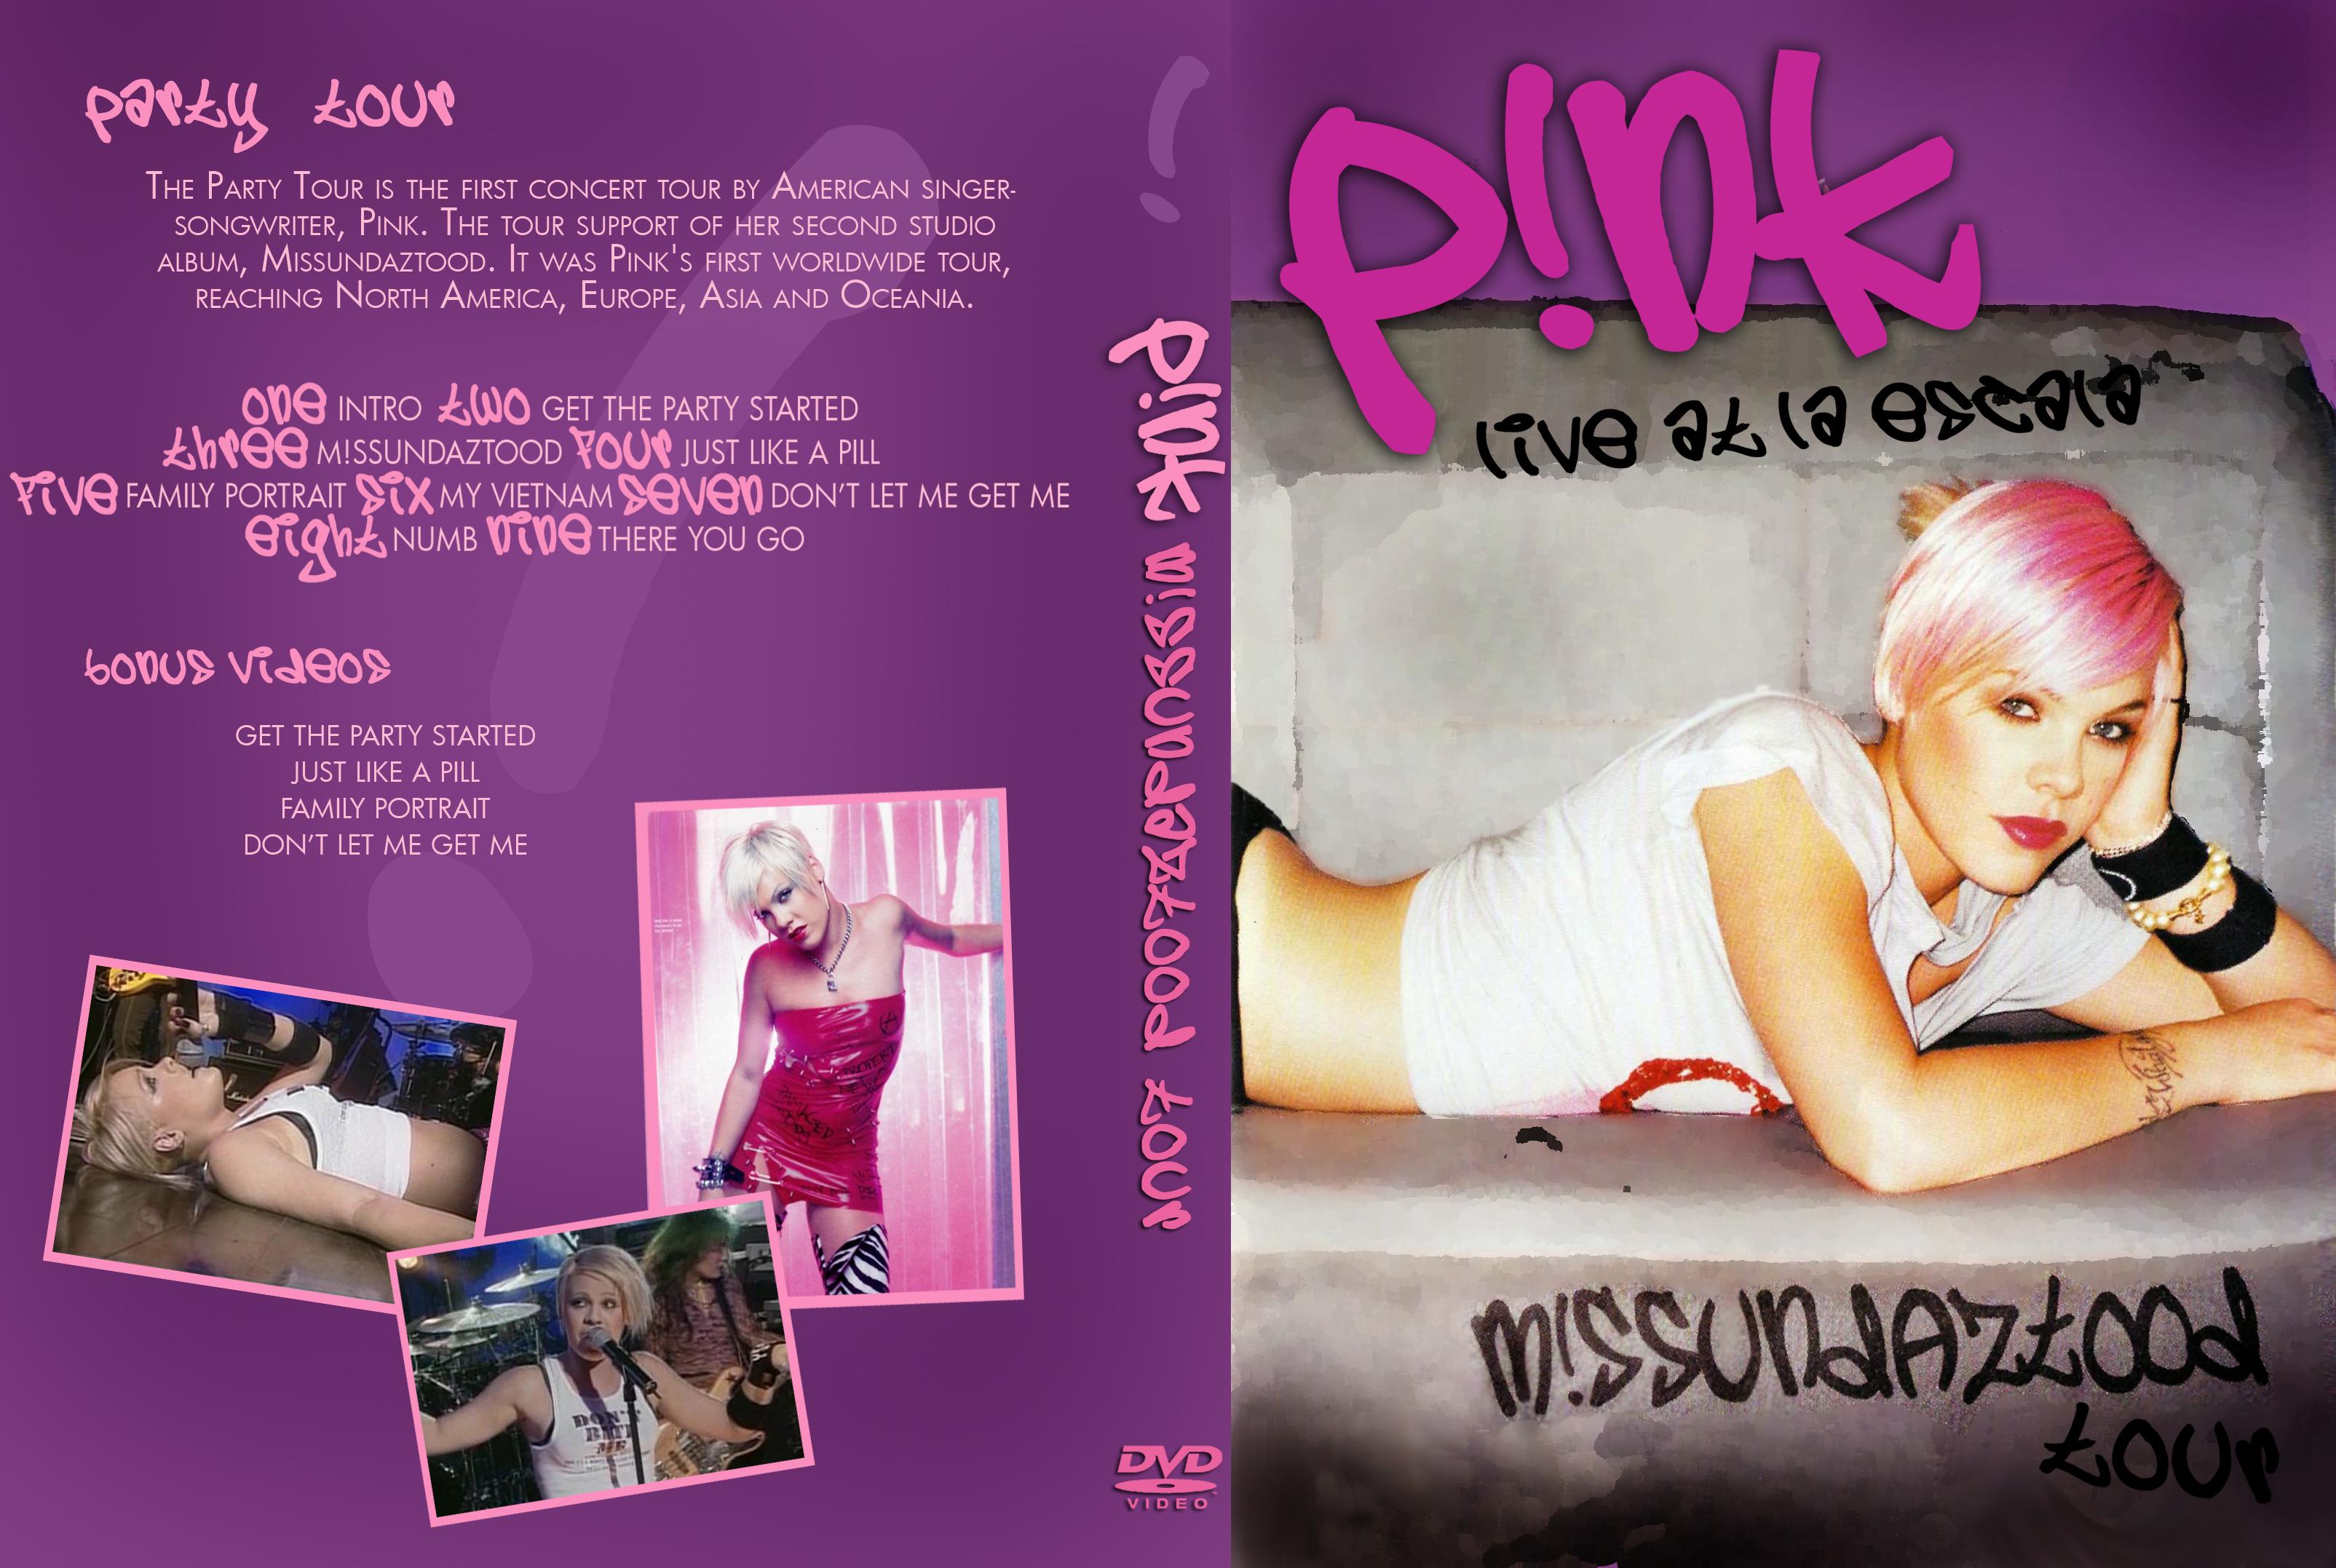 pink missundaztood album download